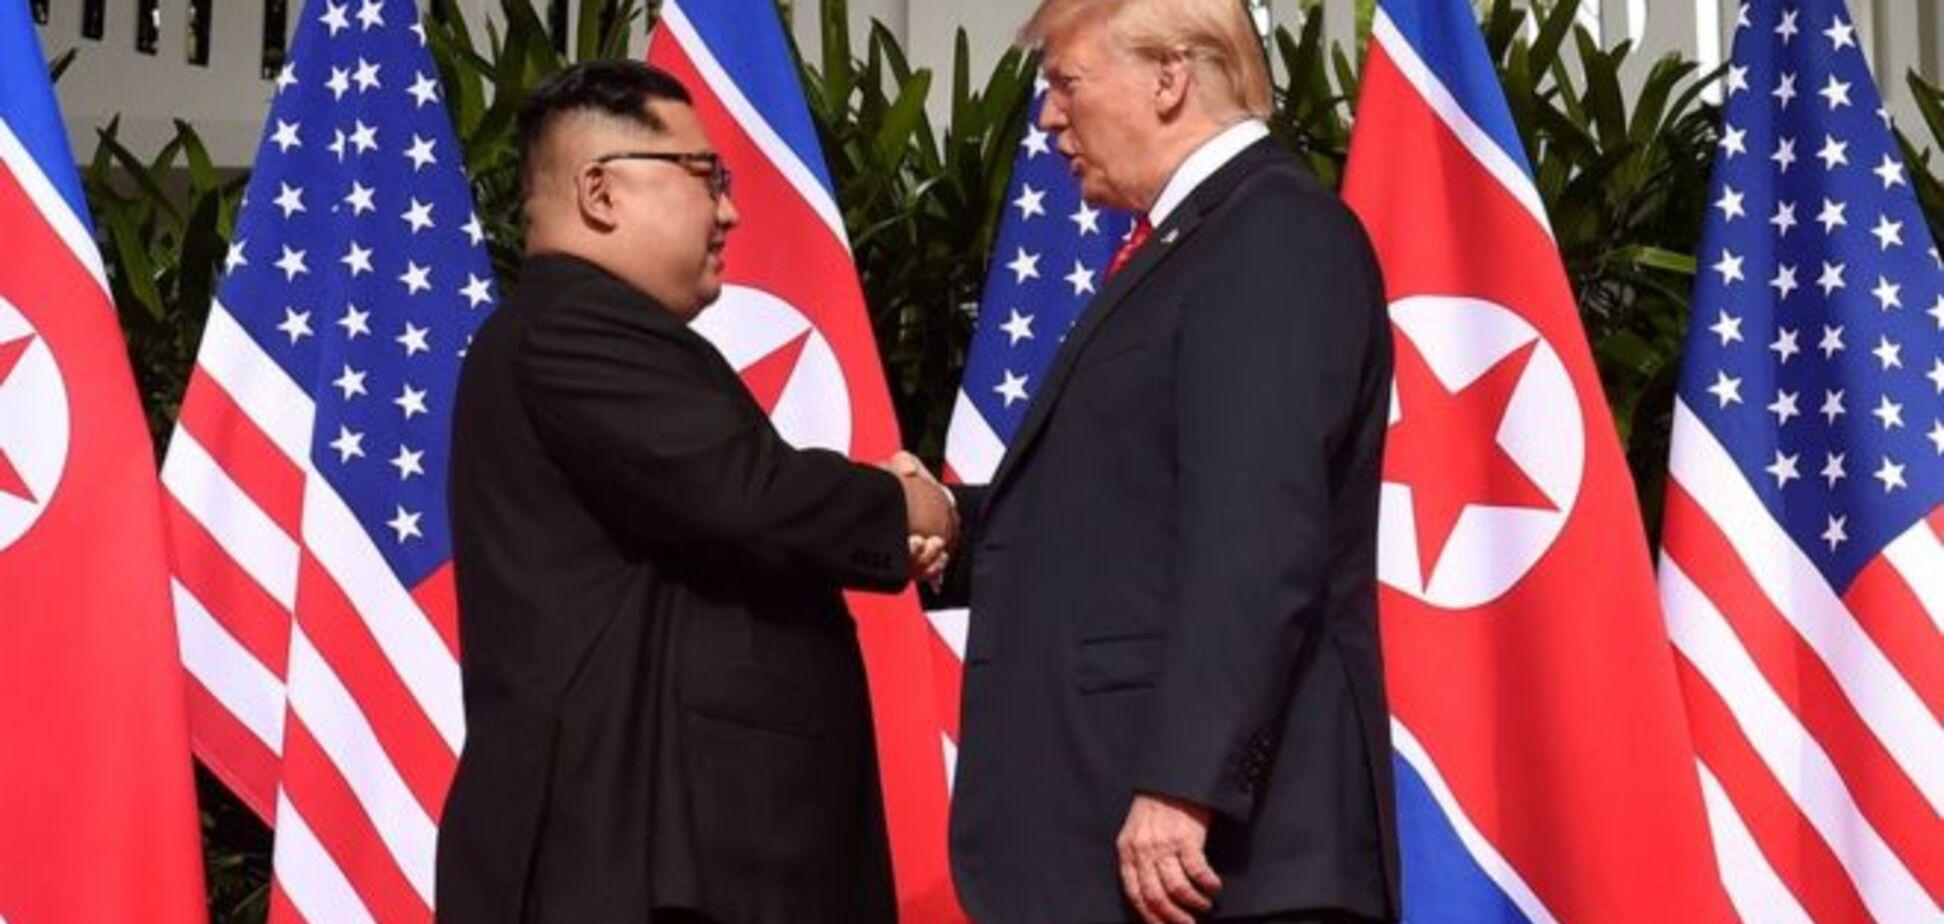 У північних корейців зараз найбільший шок